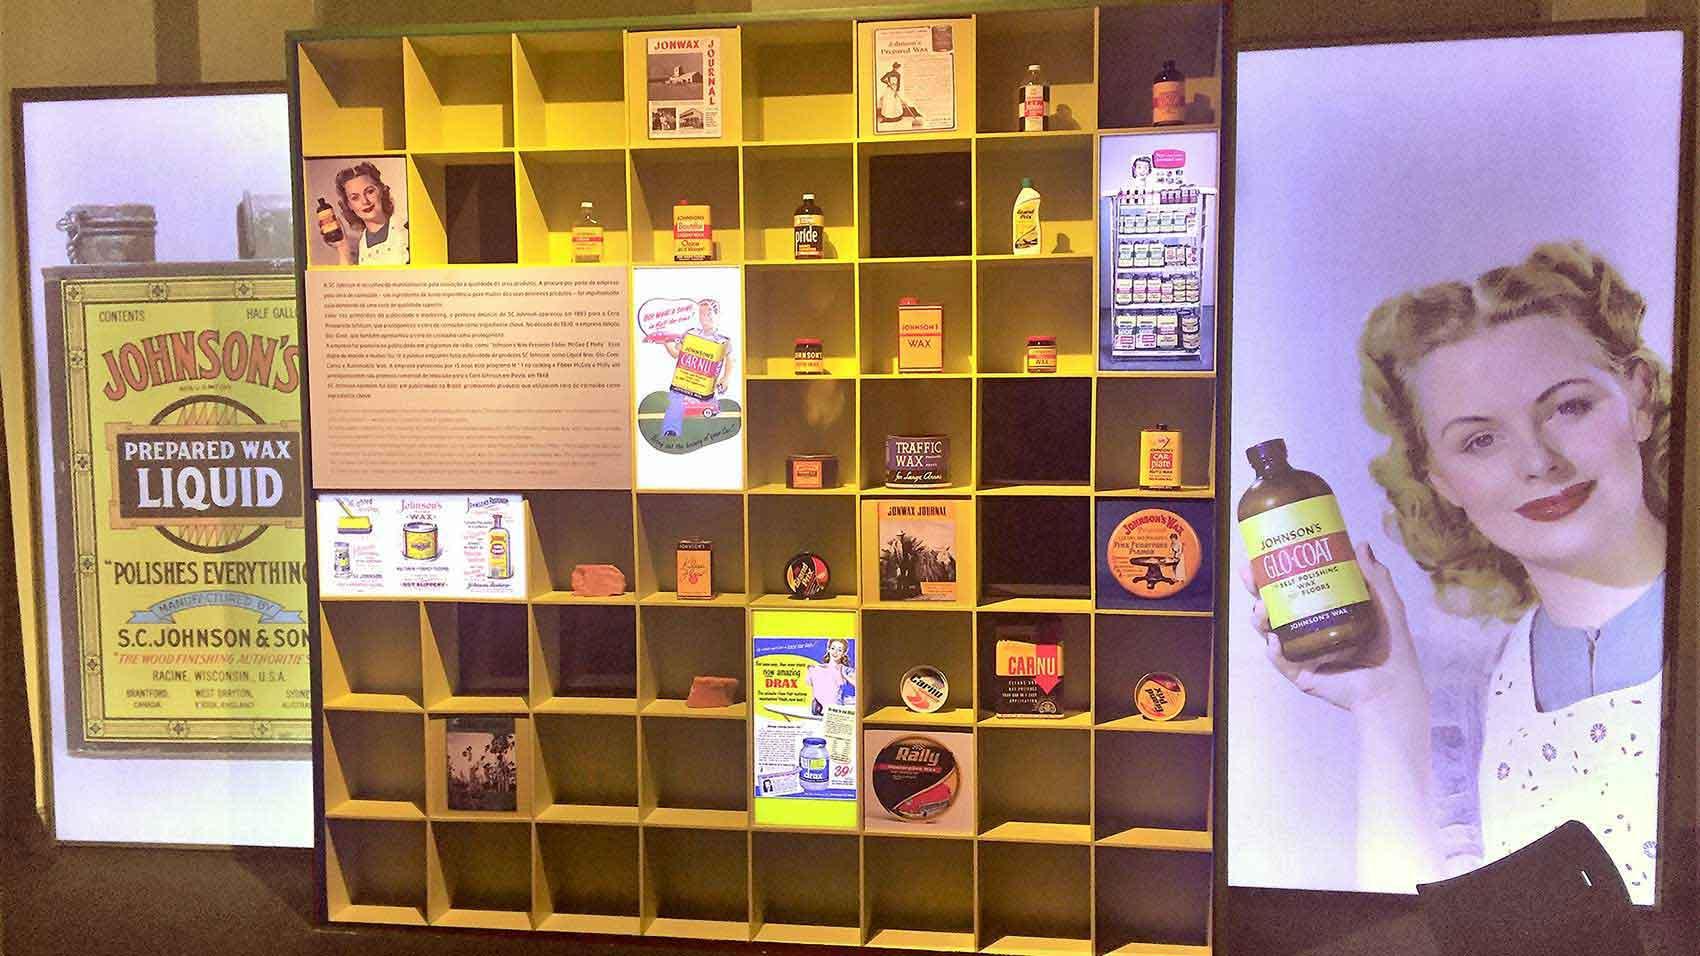 Exposición que muestra productos Johnson Wax que contienen cera de carnaúba.